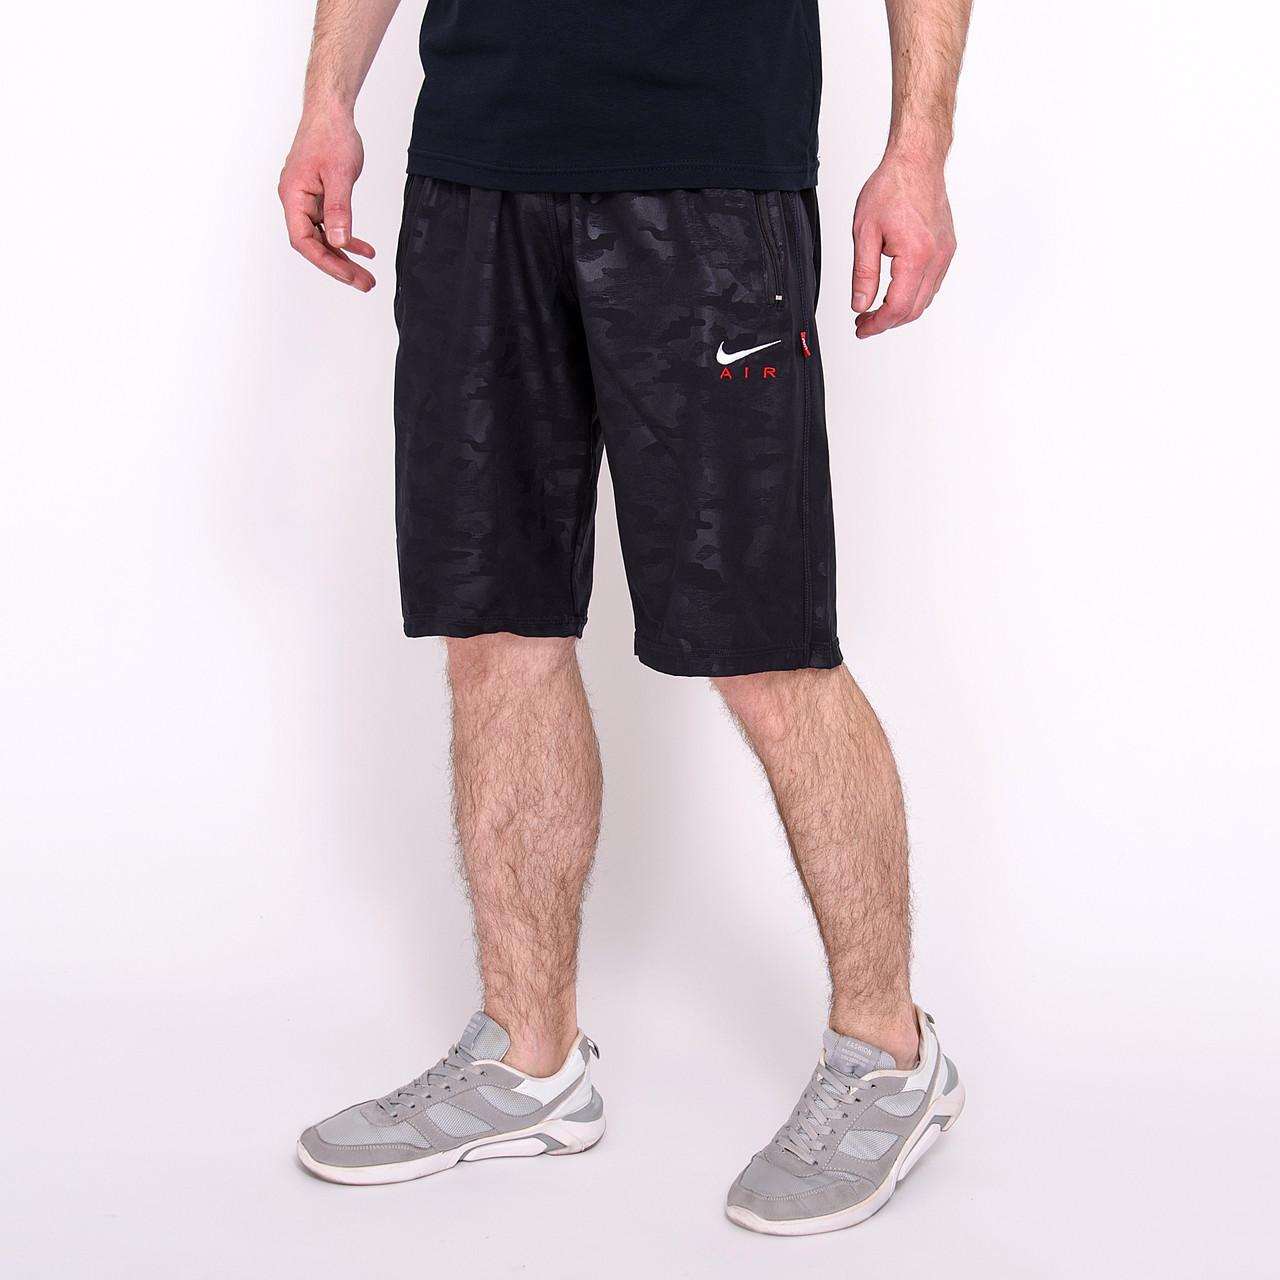 Чоловічі спортивні шорти Nike, синього кольору (плащівка, принт камуфляж).